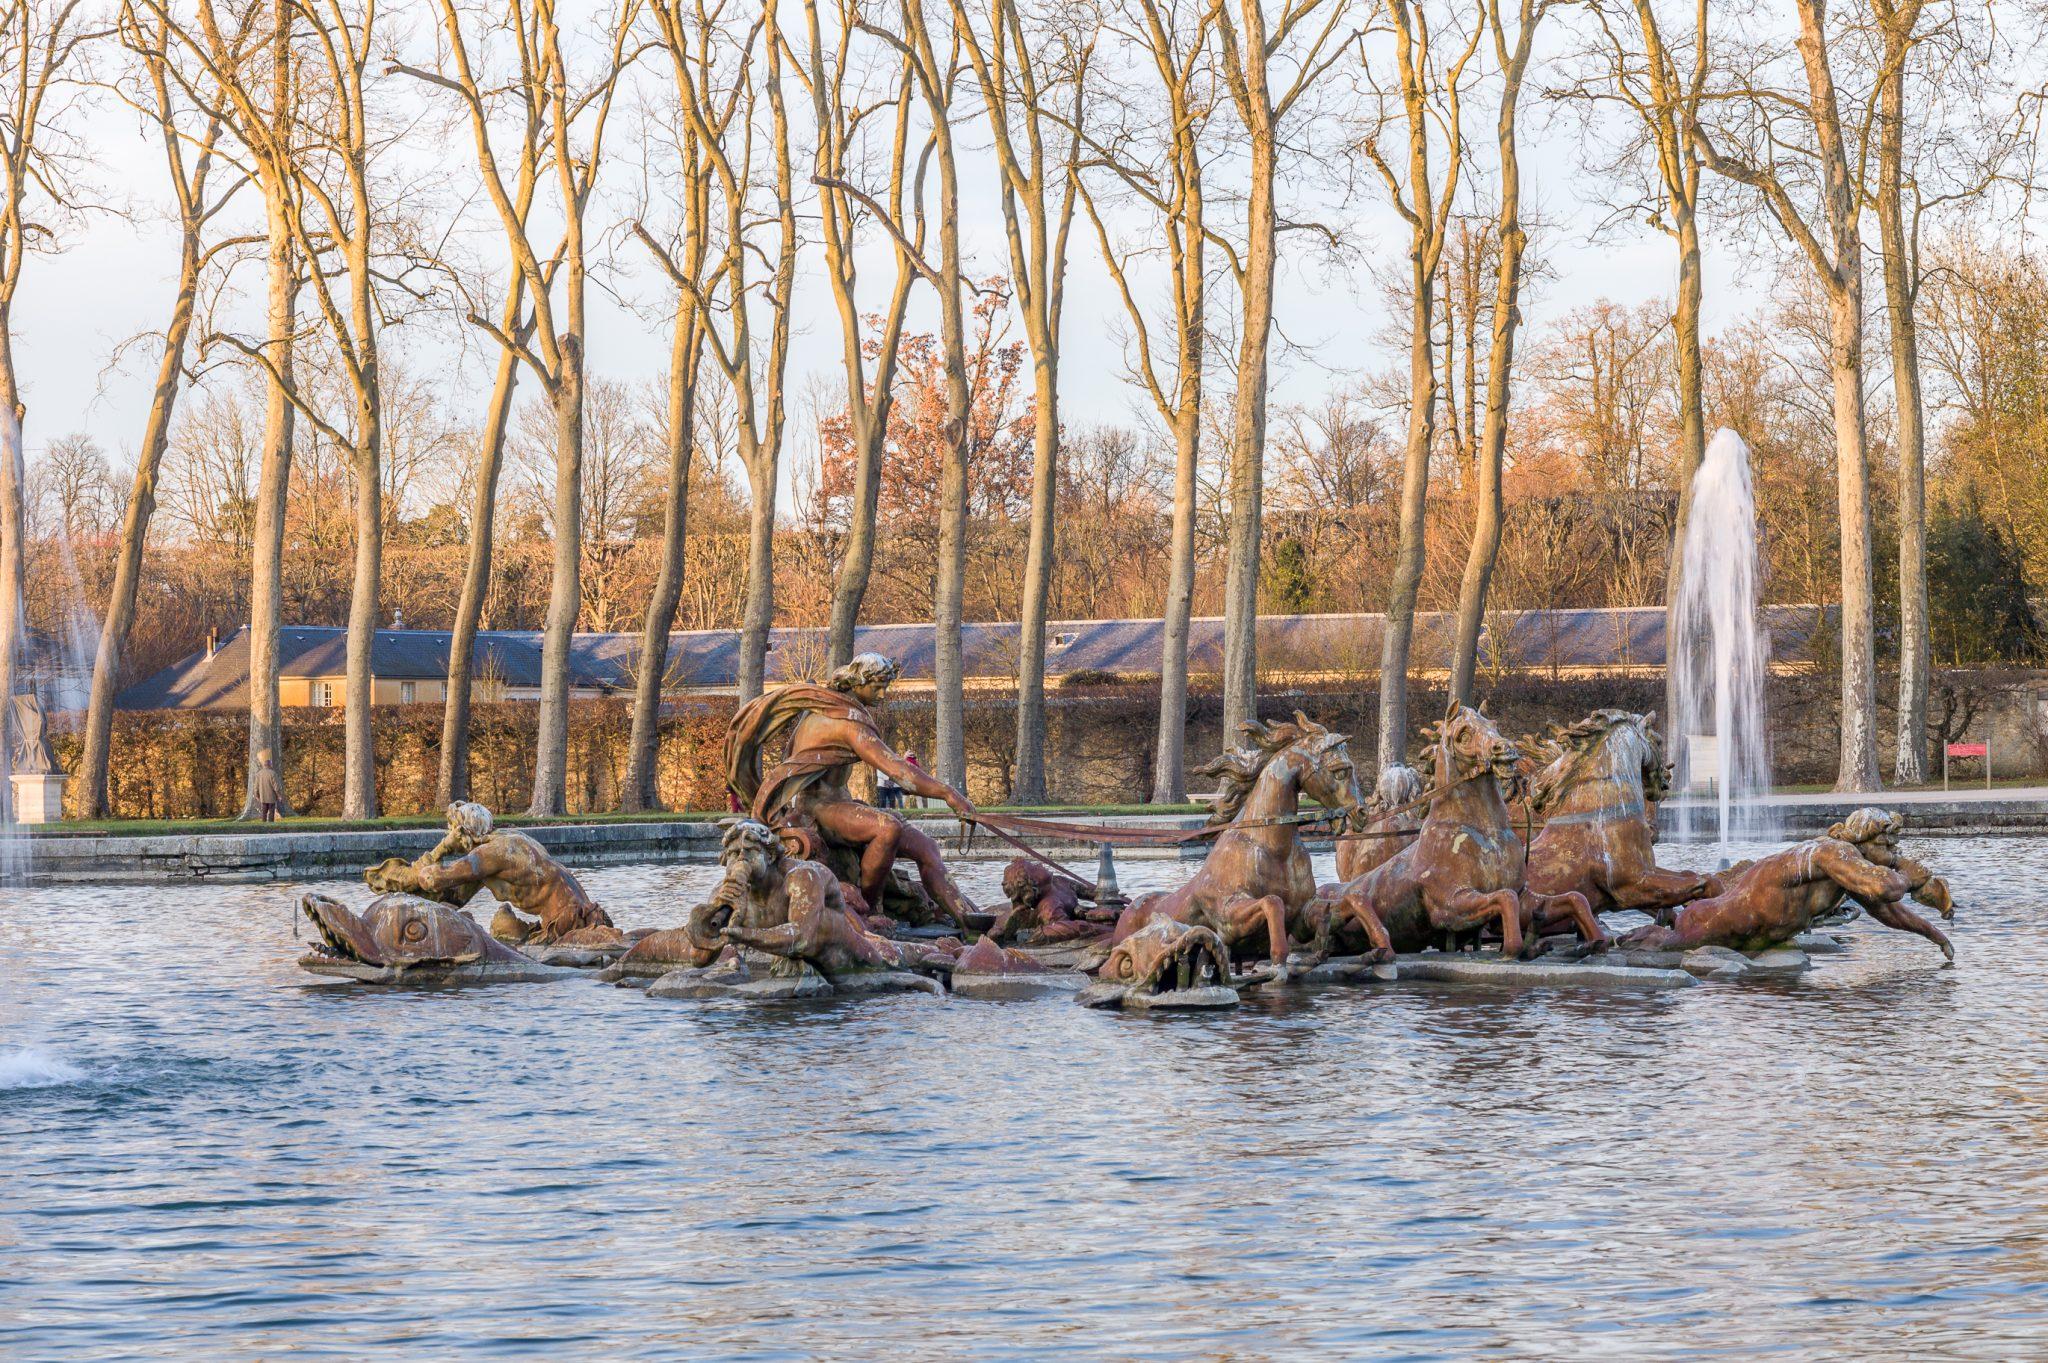 Versailles  16 décembre 2013 - Bassin créé sous Louis XIII en 1636 appelé le bassin des Cygnes, transformé  en 1687 par Jules Hardouin-Mansart et devenu bassin d'Apollon